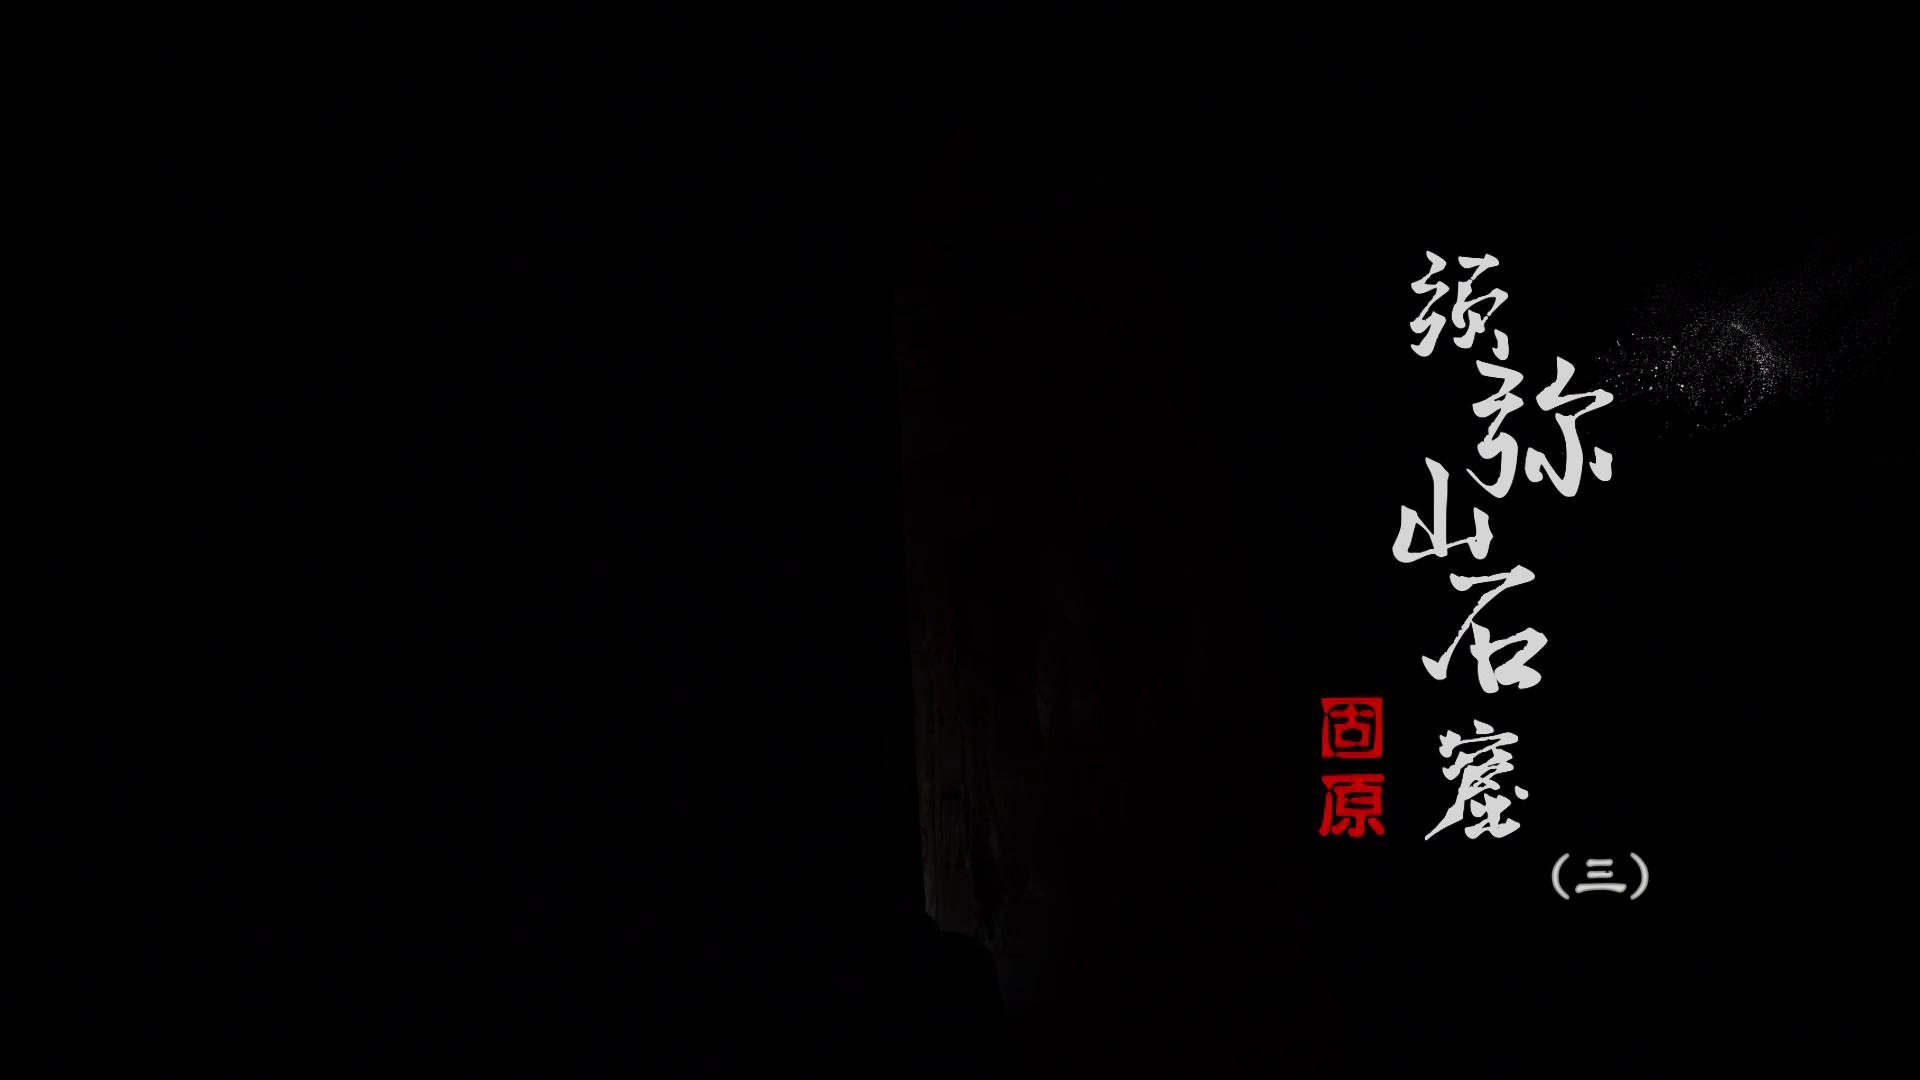 须弥山:中国石窟艺术史上的杰出范例